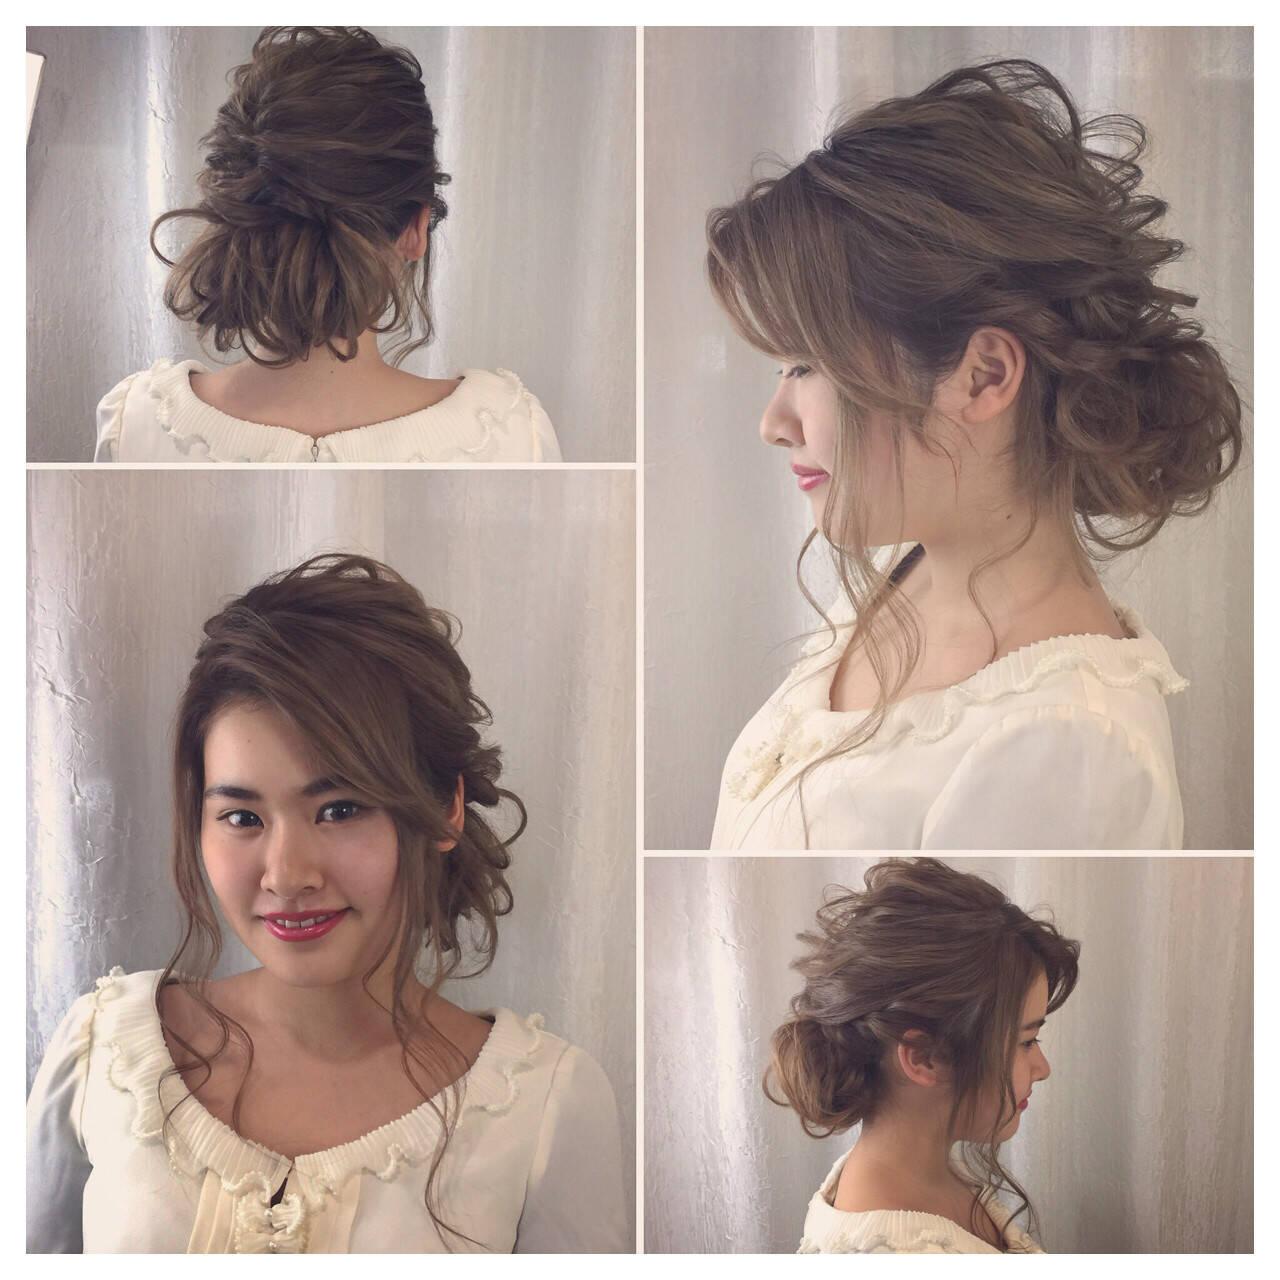 ロング エレガント パーティ ヘアアレンジヘアスタイルや髪型の写真・画像